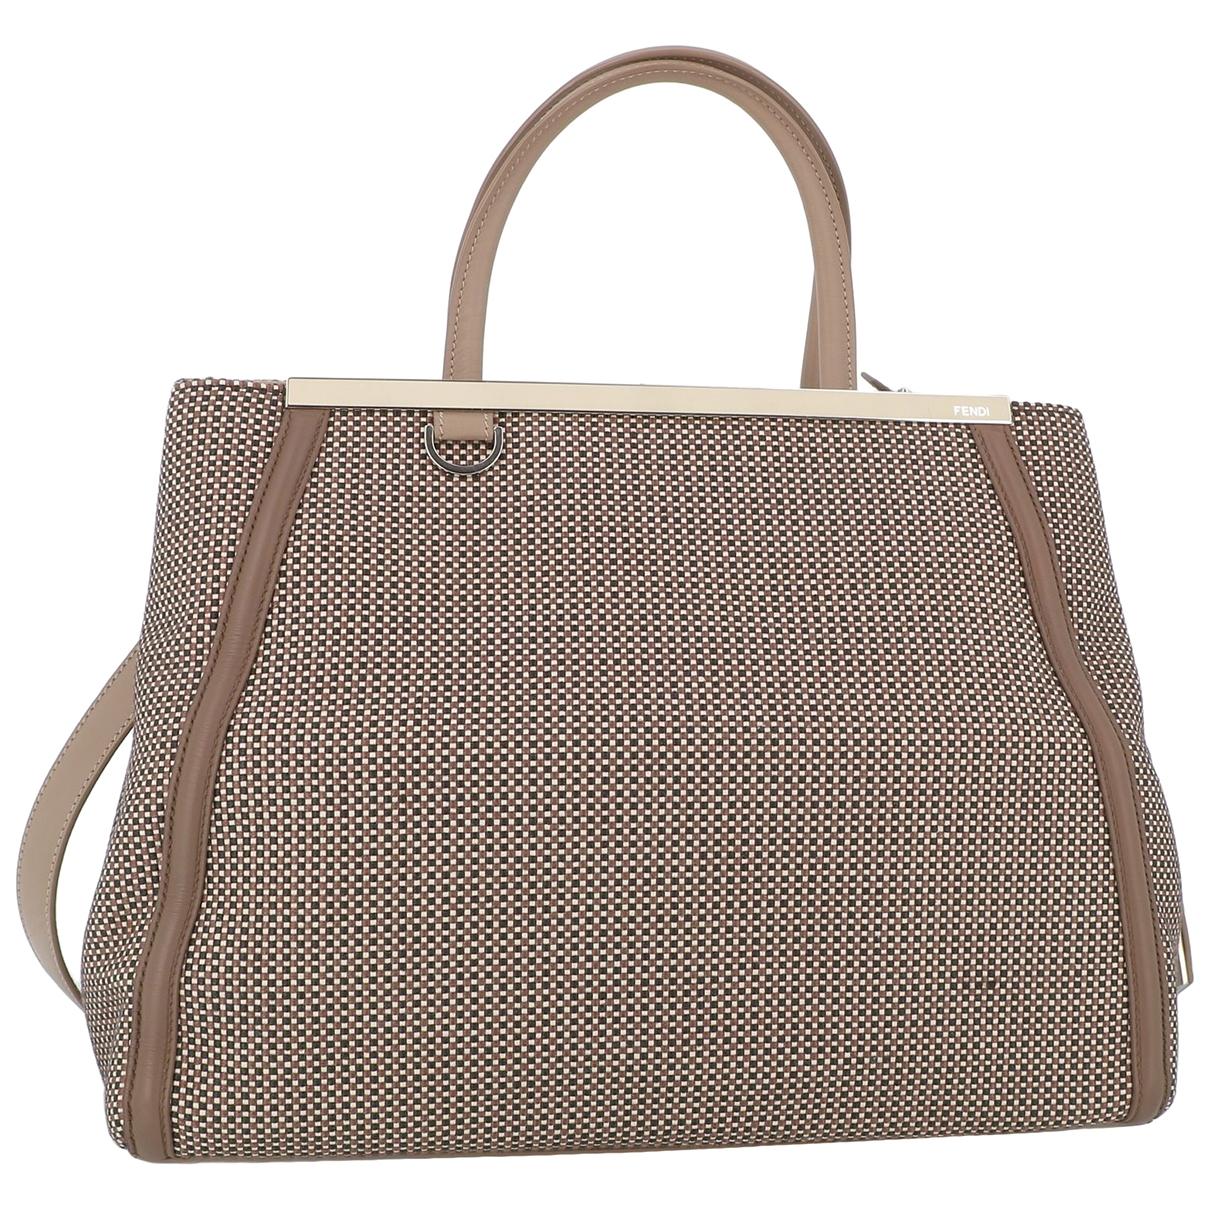 Fendi 2Jours Beige Cloth handbag for Women \N